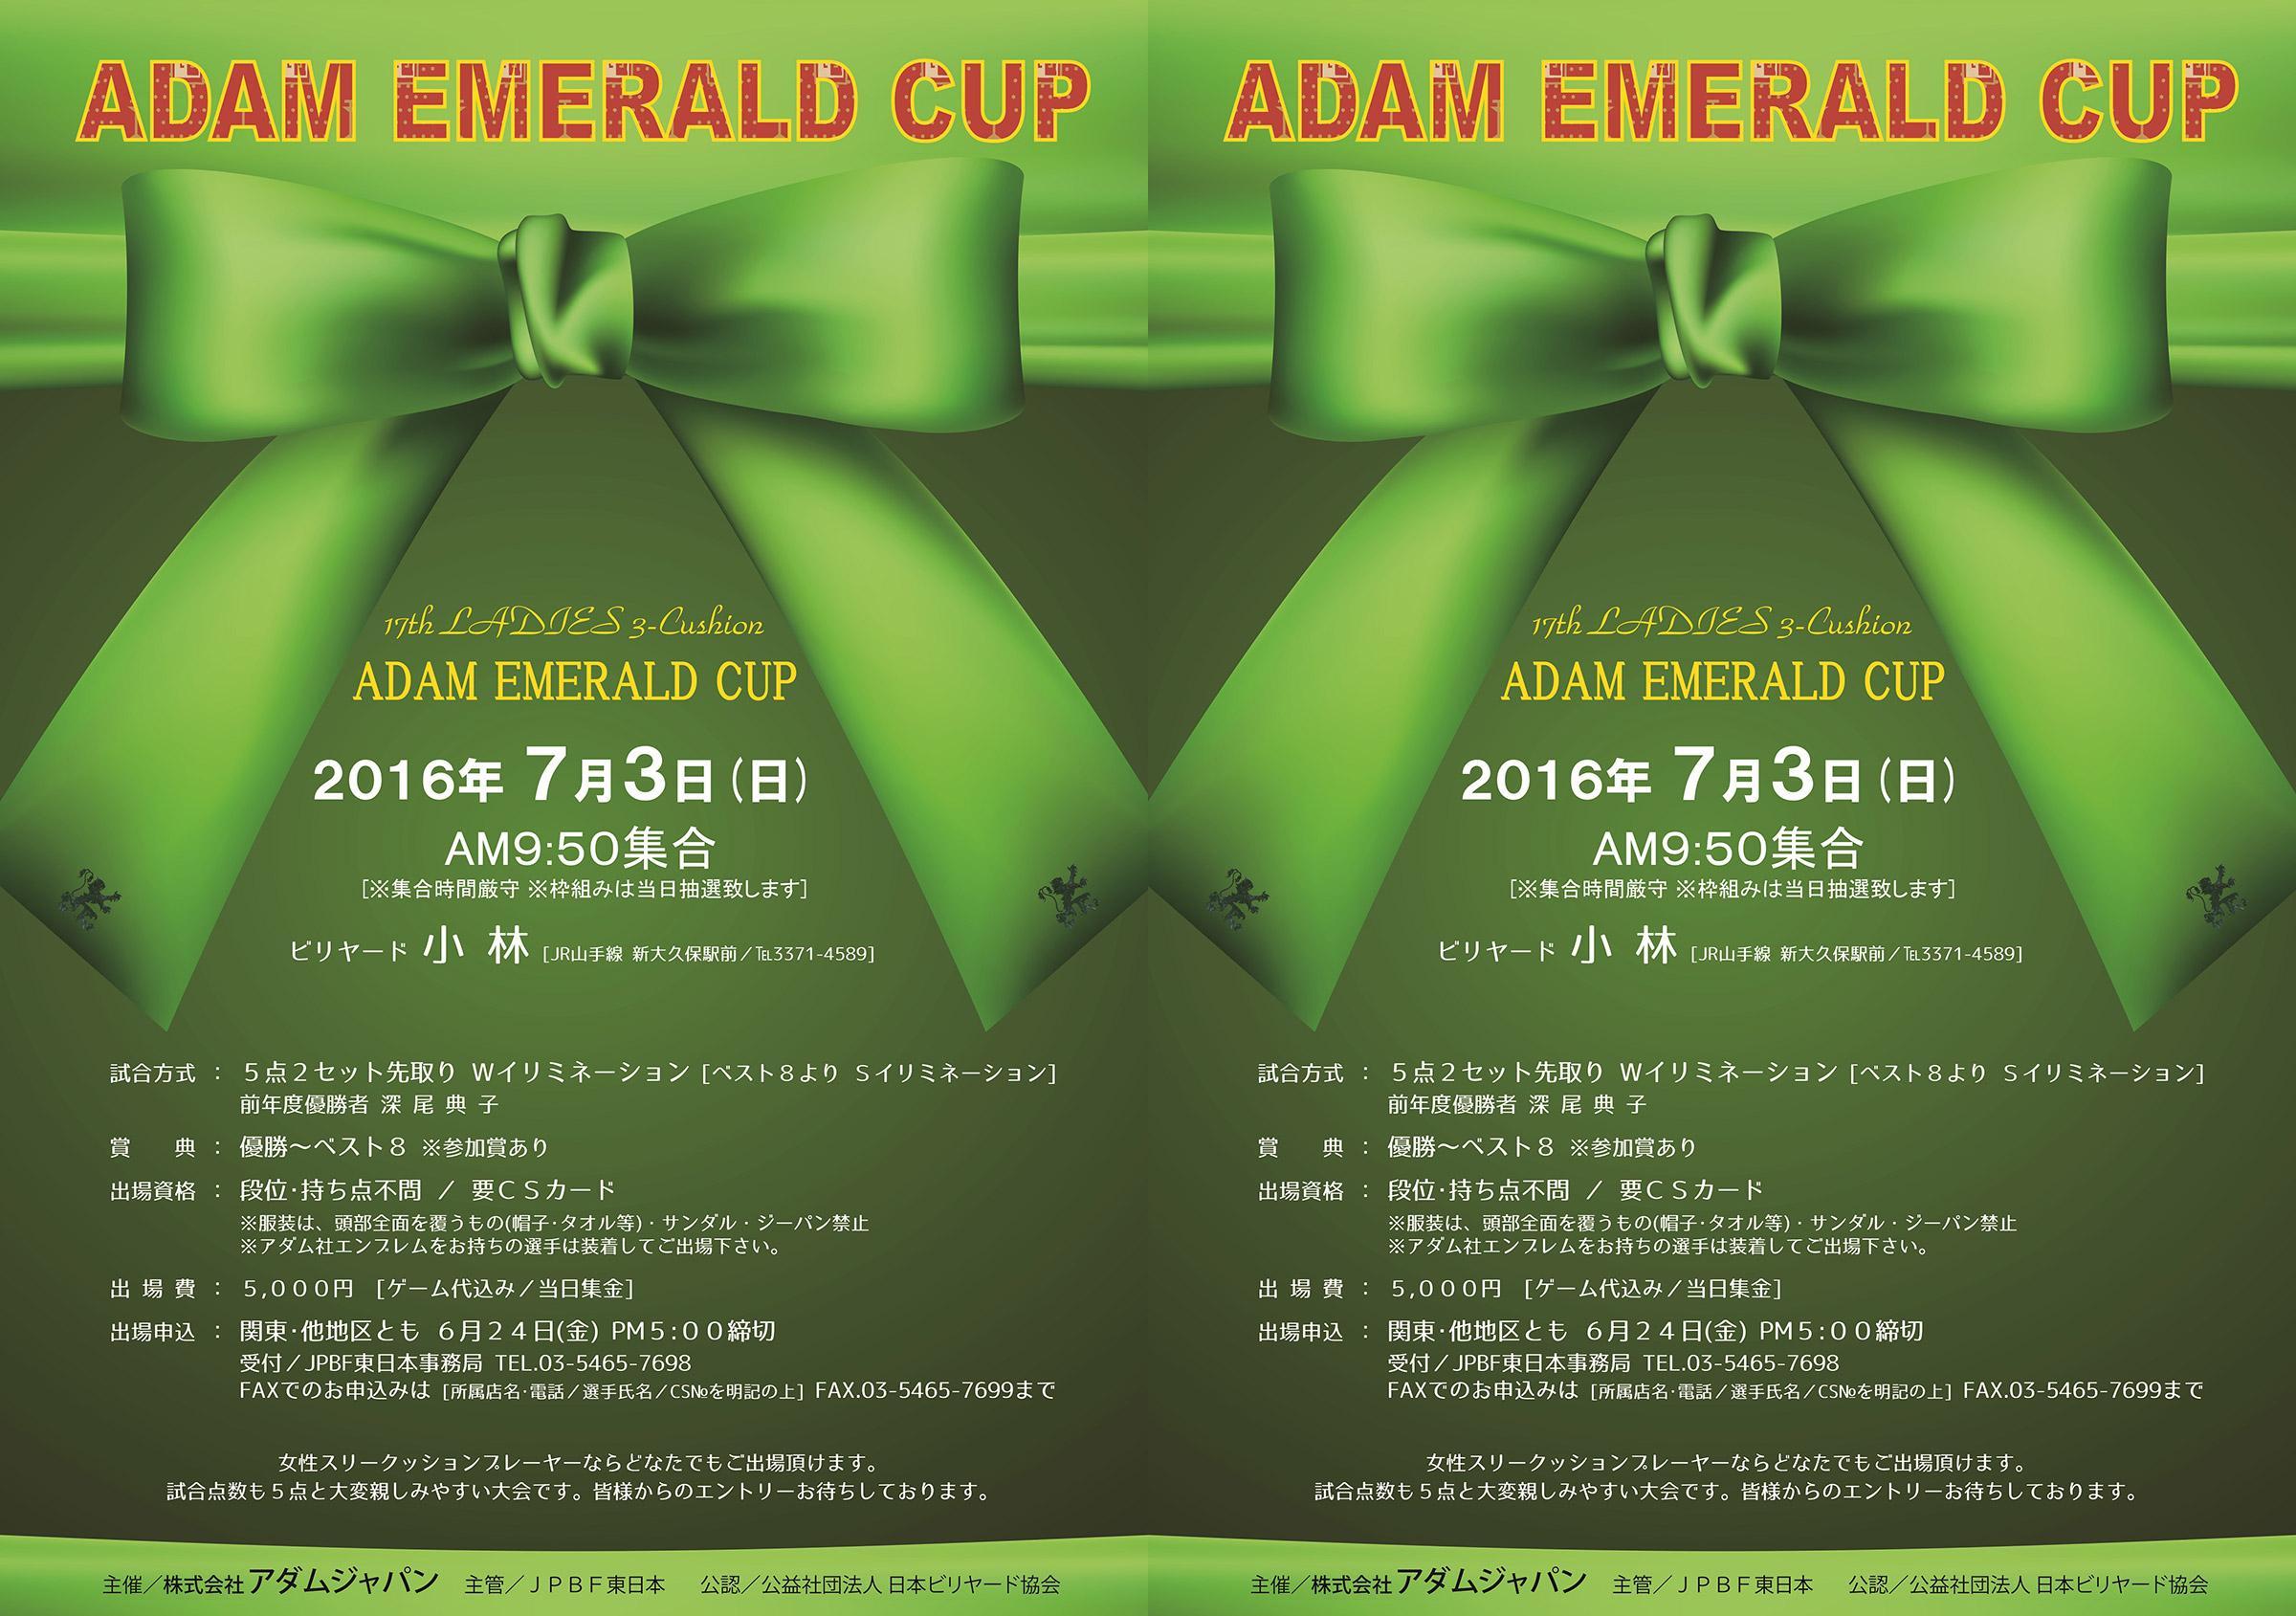 2016_ADAM-EMERALD-CUP